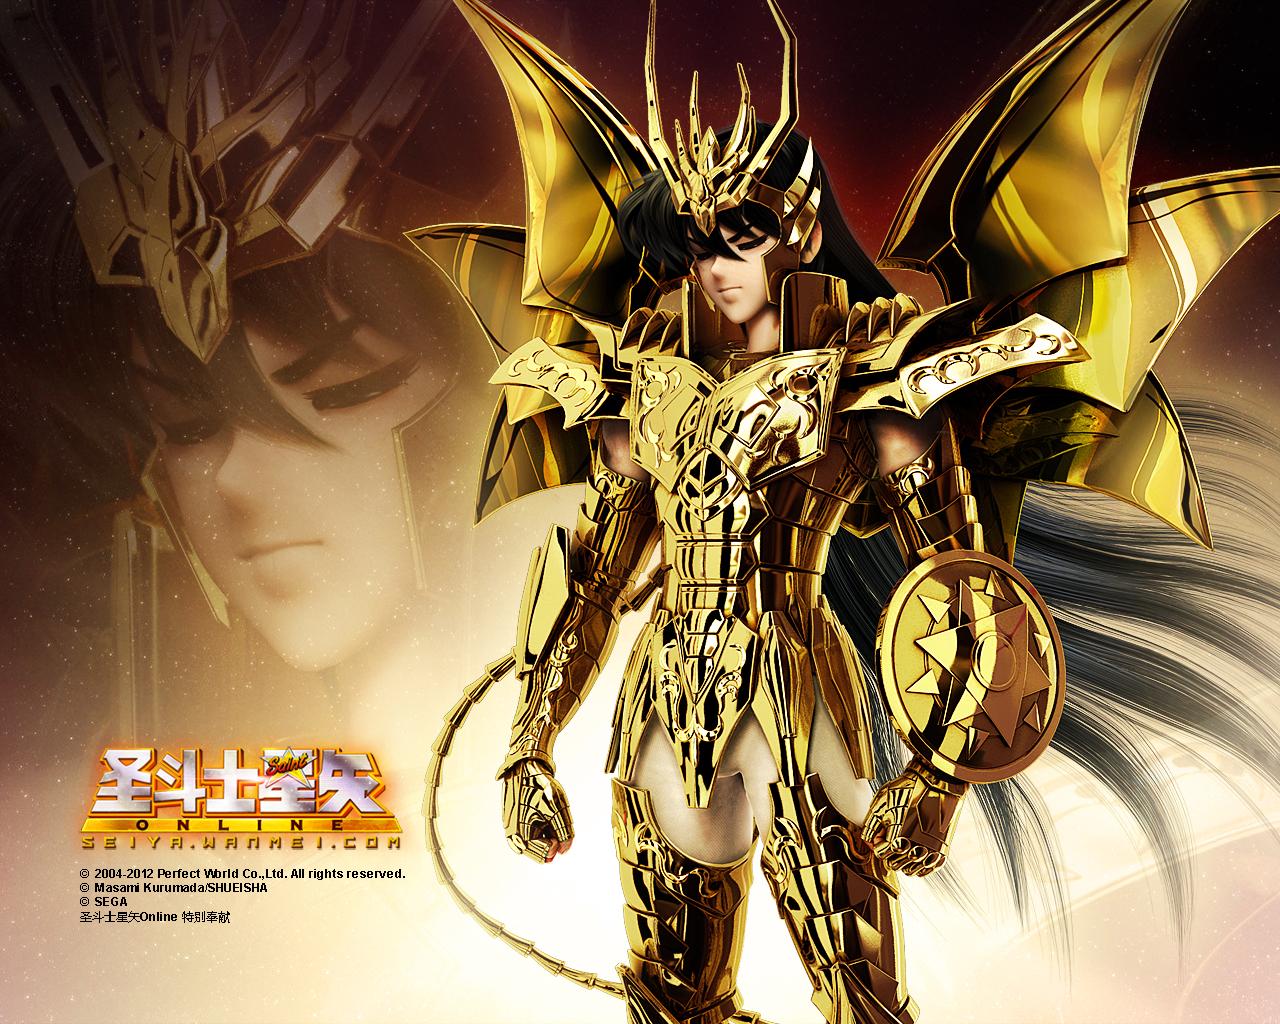 Ngắm hình nền thánh đấu sĩ Saint Seiya Online cực chất